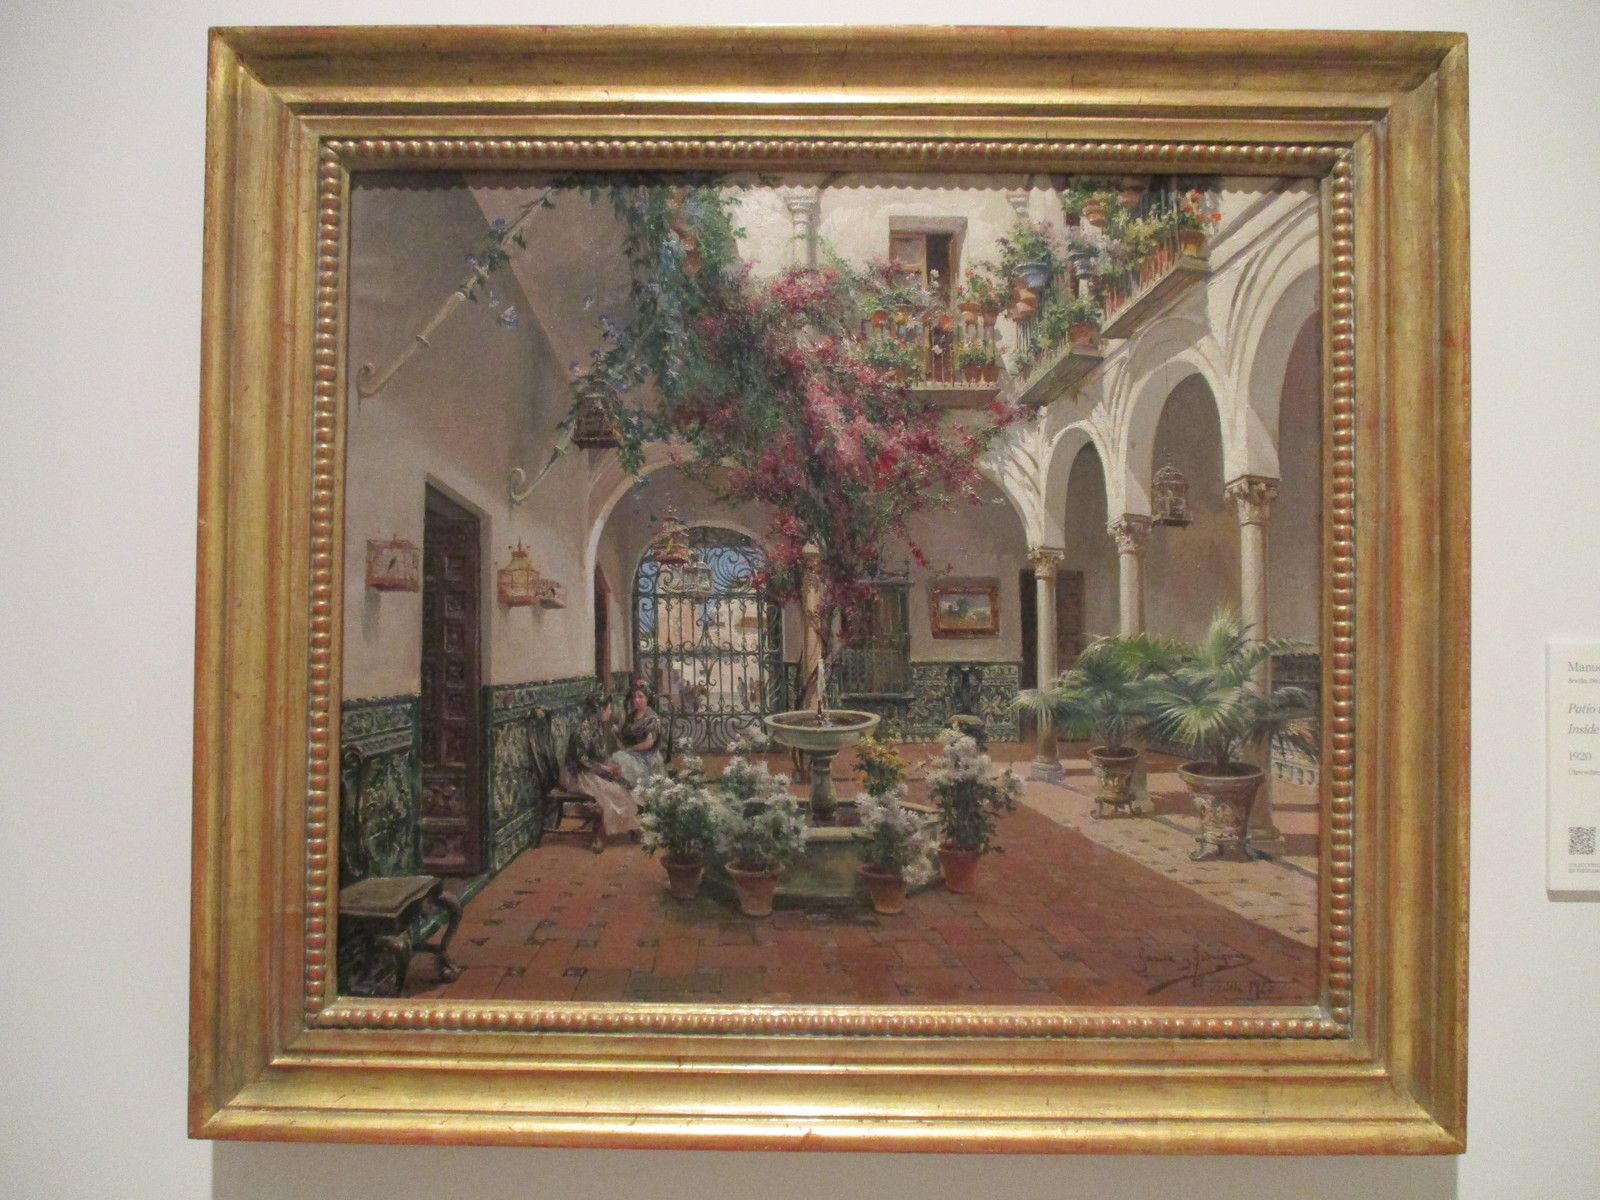 Patio à Séville -  Manuel Garcia Rodriguez, 1920